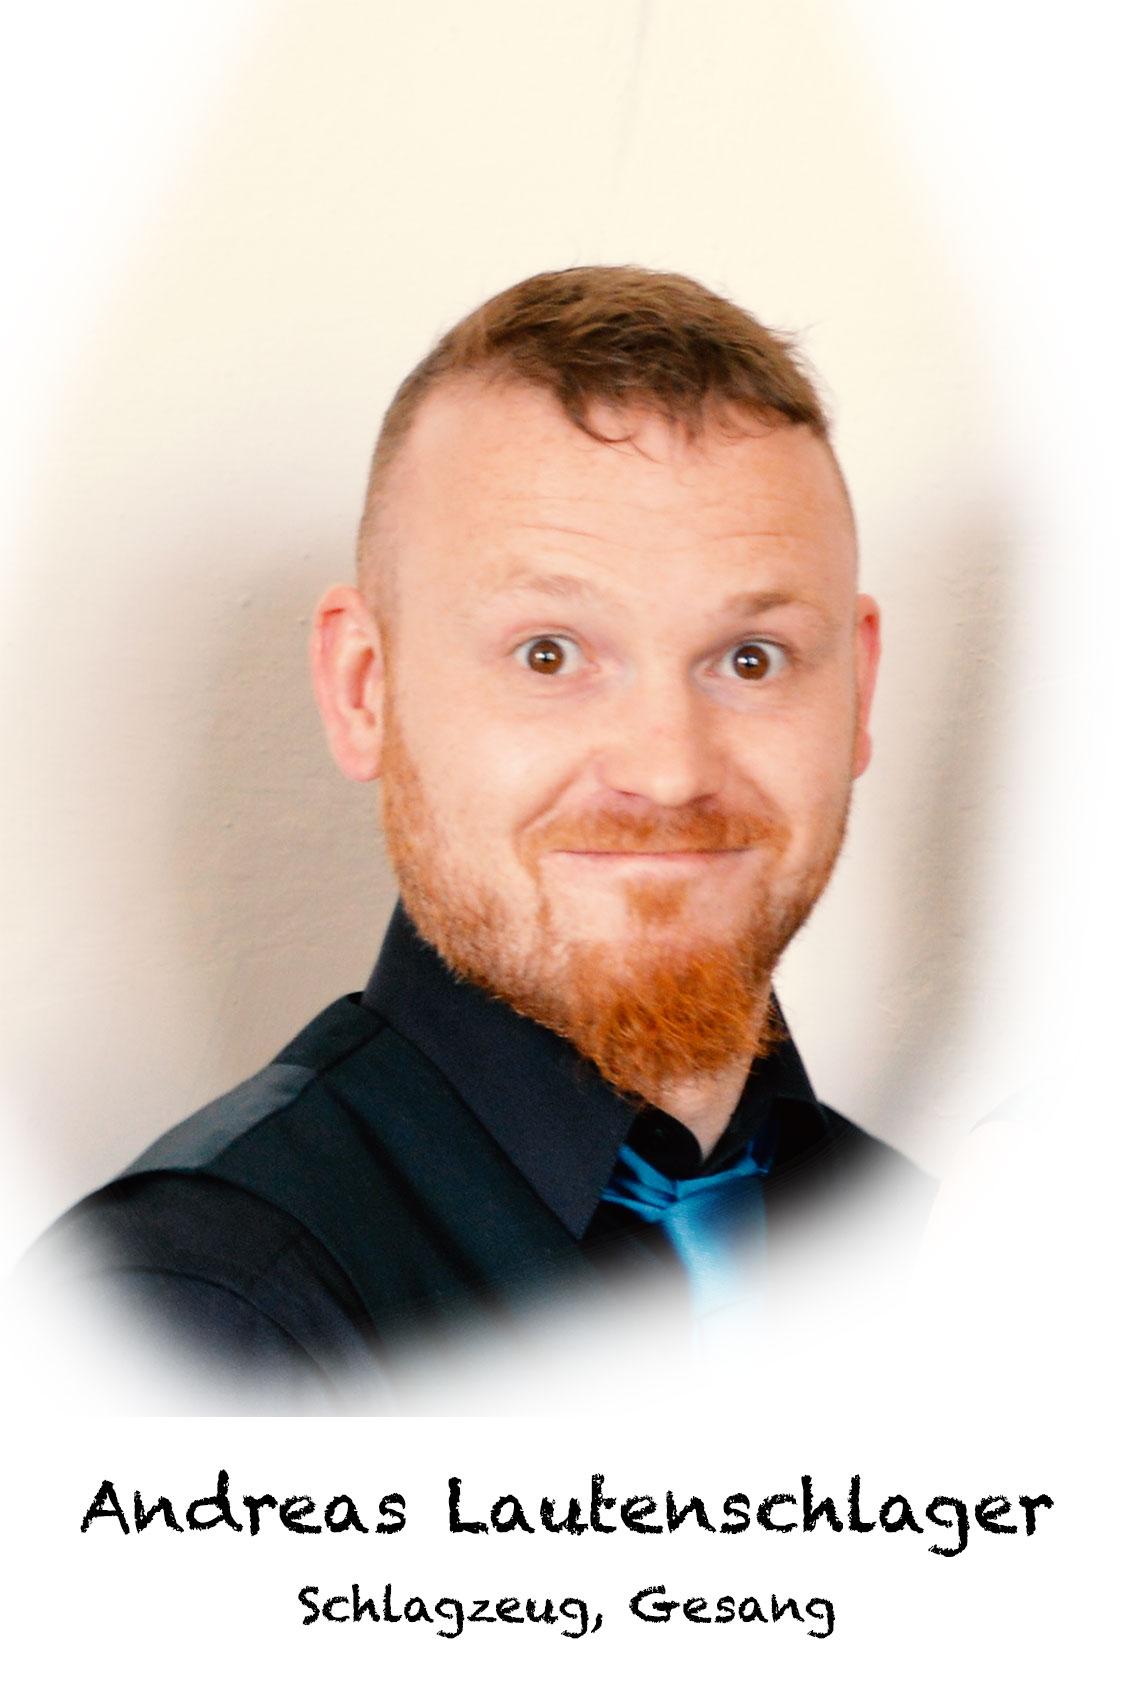 Andreas Lautenschlager - Schlagzeug